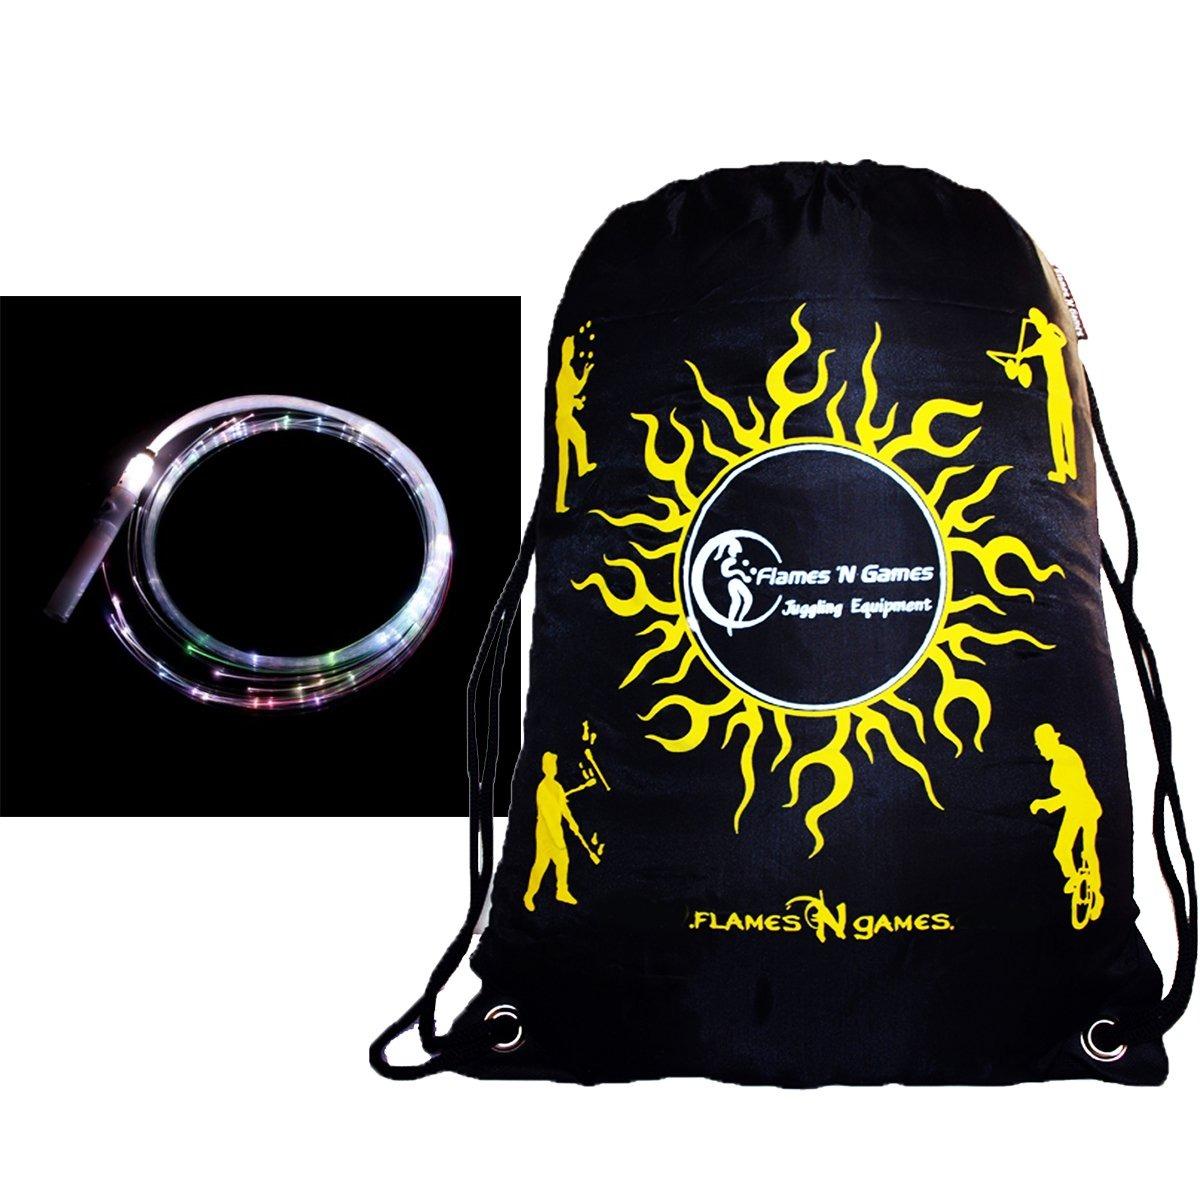 ... Juggle Light Medium 1 8m Fiber Optic Glow Whip Travel Bag Matto 10 Piece Makeup Brush